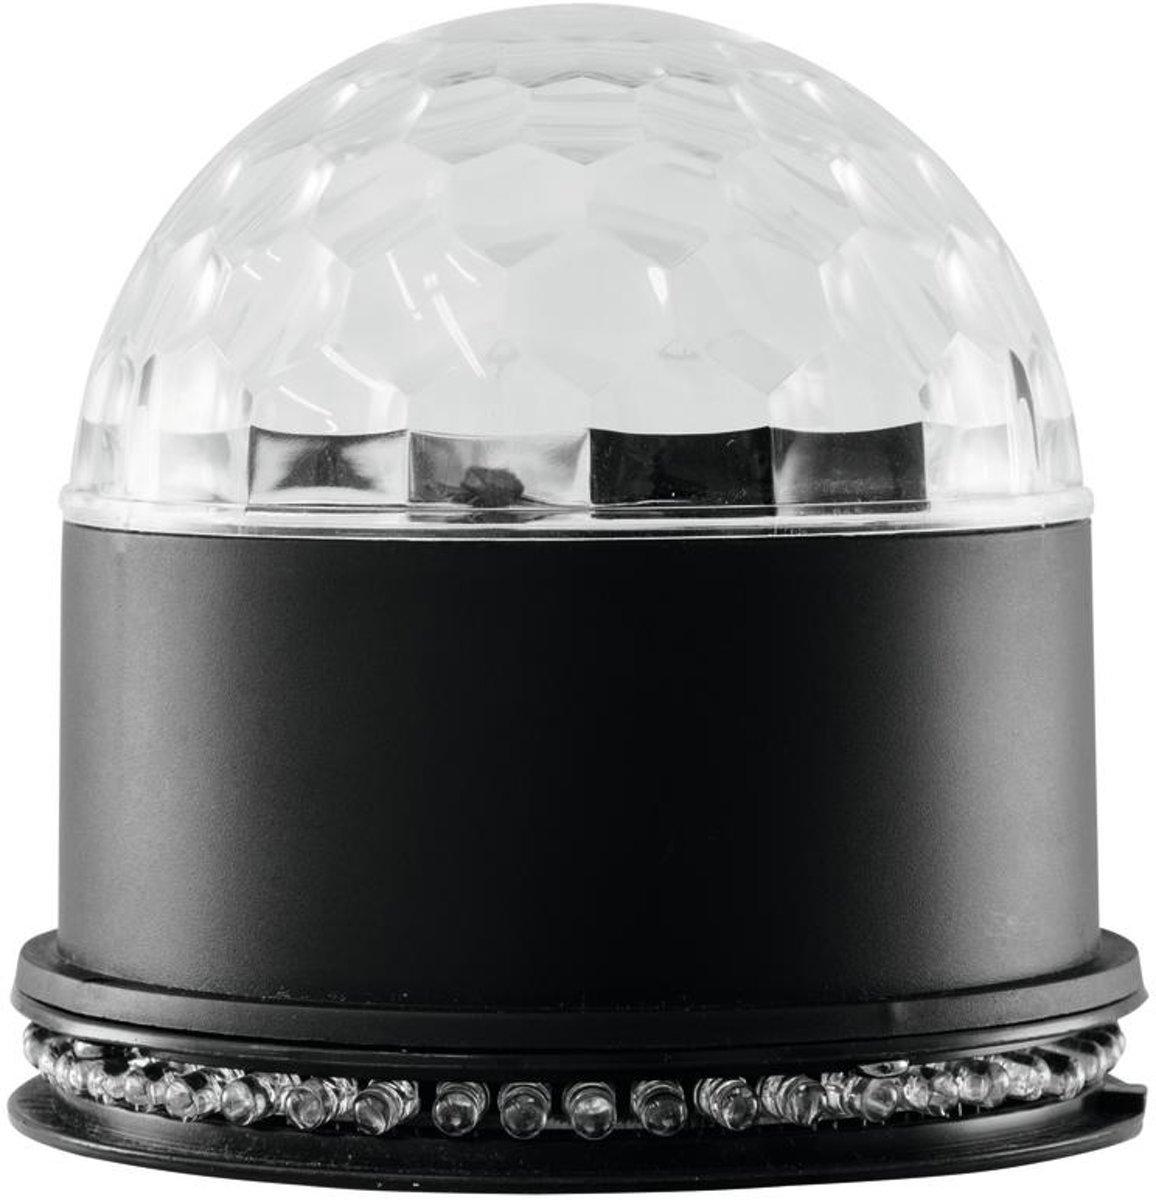 EUROLITE lichteffecten voor disco - LED - DJ - BCW-4 Beam Effect - discolamp kinderen kopen